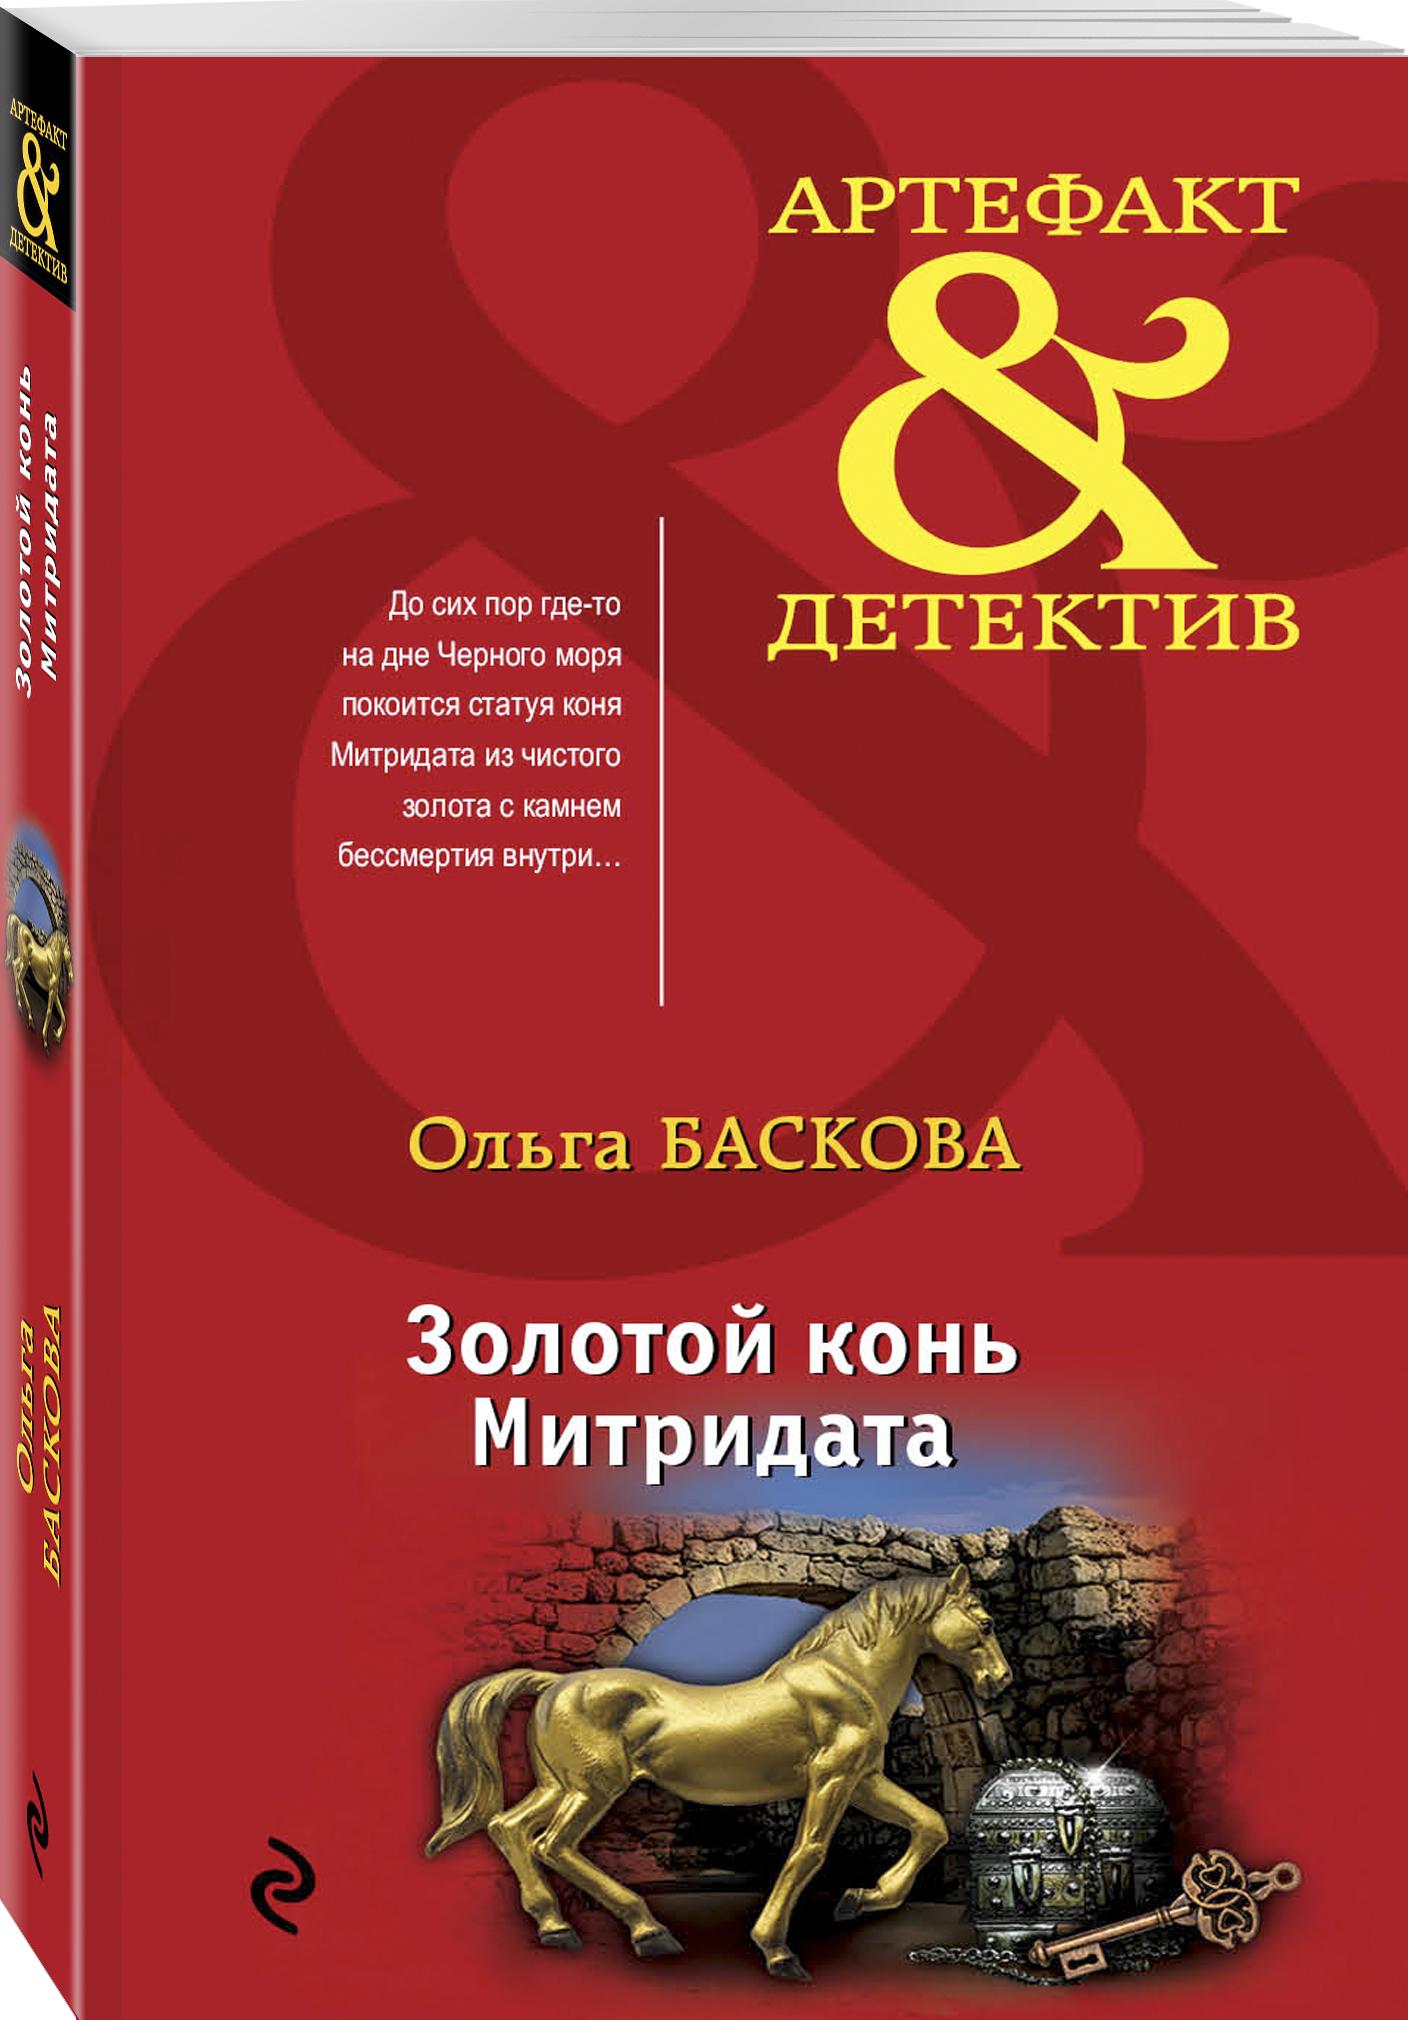 Ольга Баскова Золотой конь Митридата